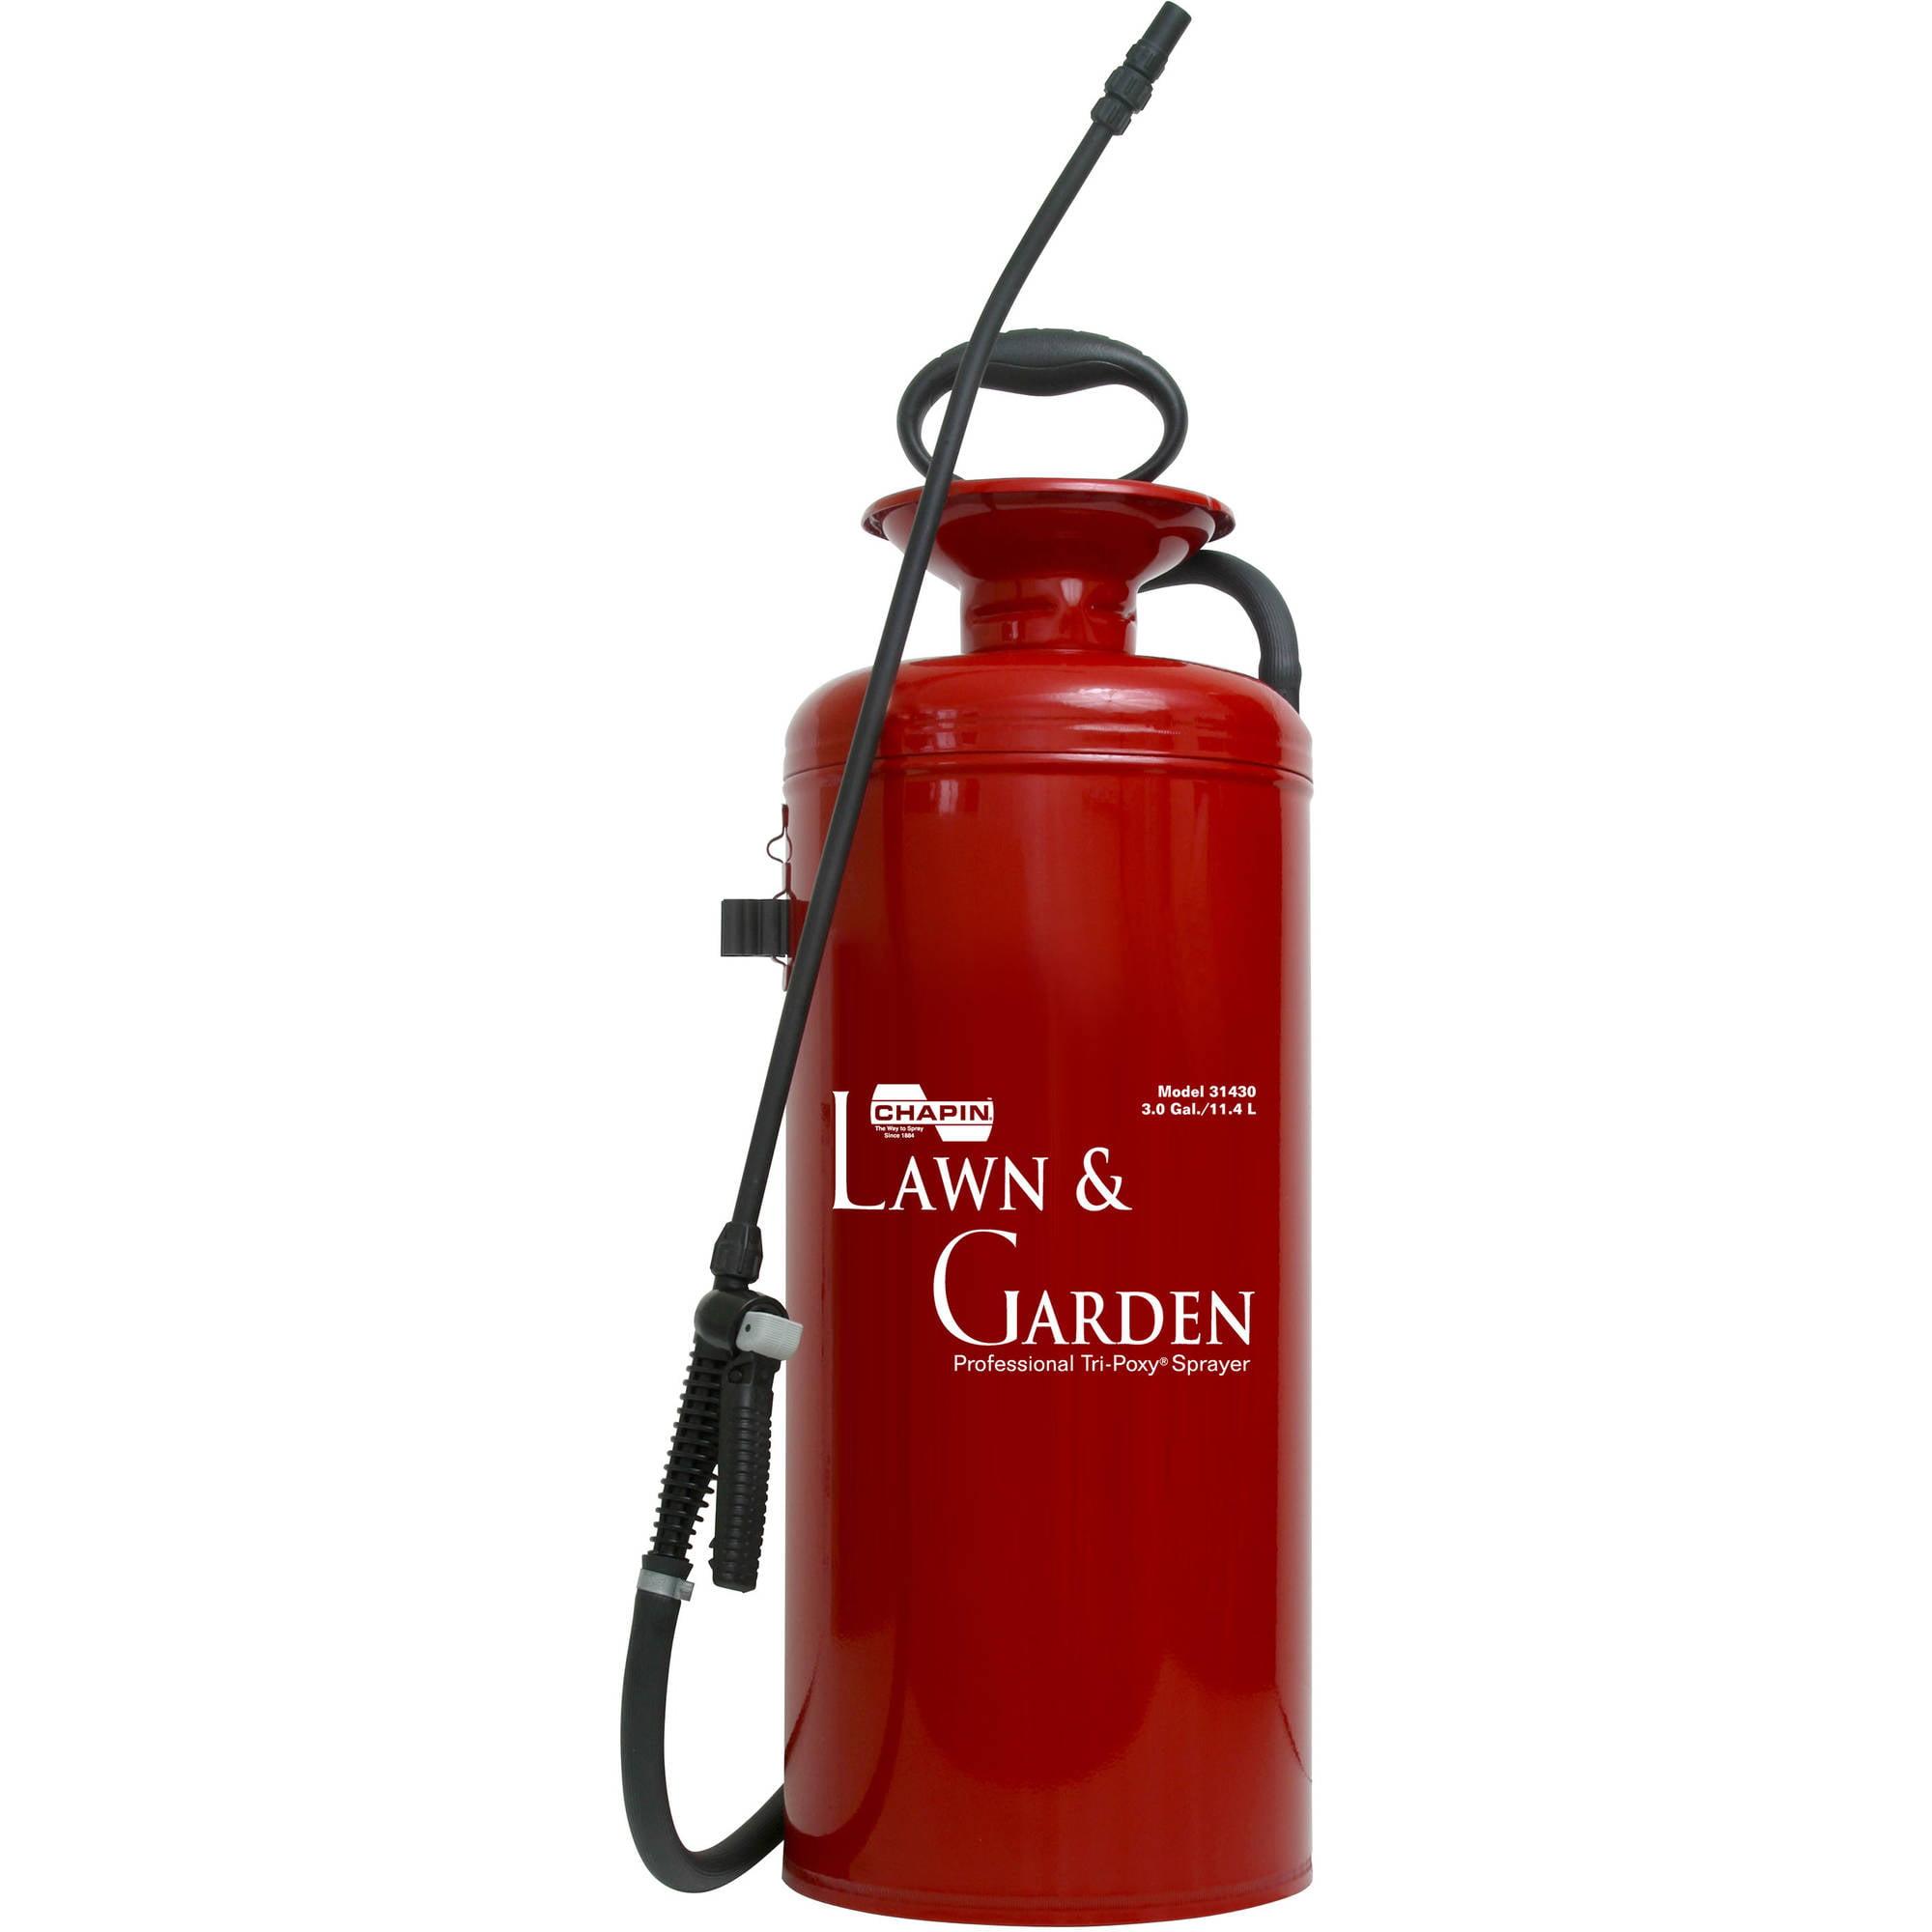 Chapin 31430 3-Gallon Lawn and Garden Series Tri-Poxy Steel Sprayer